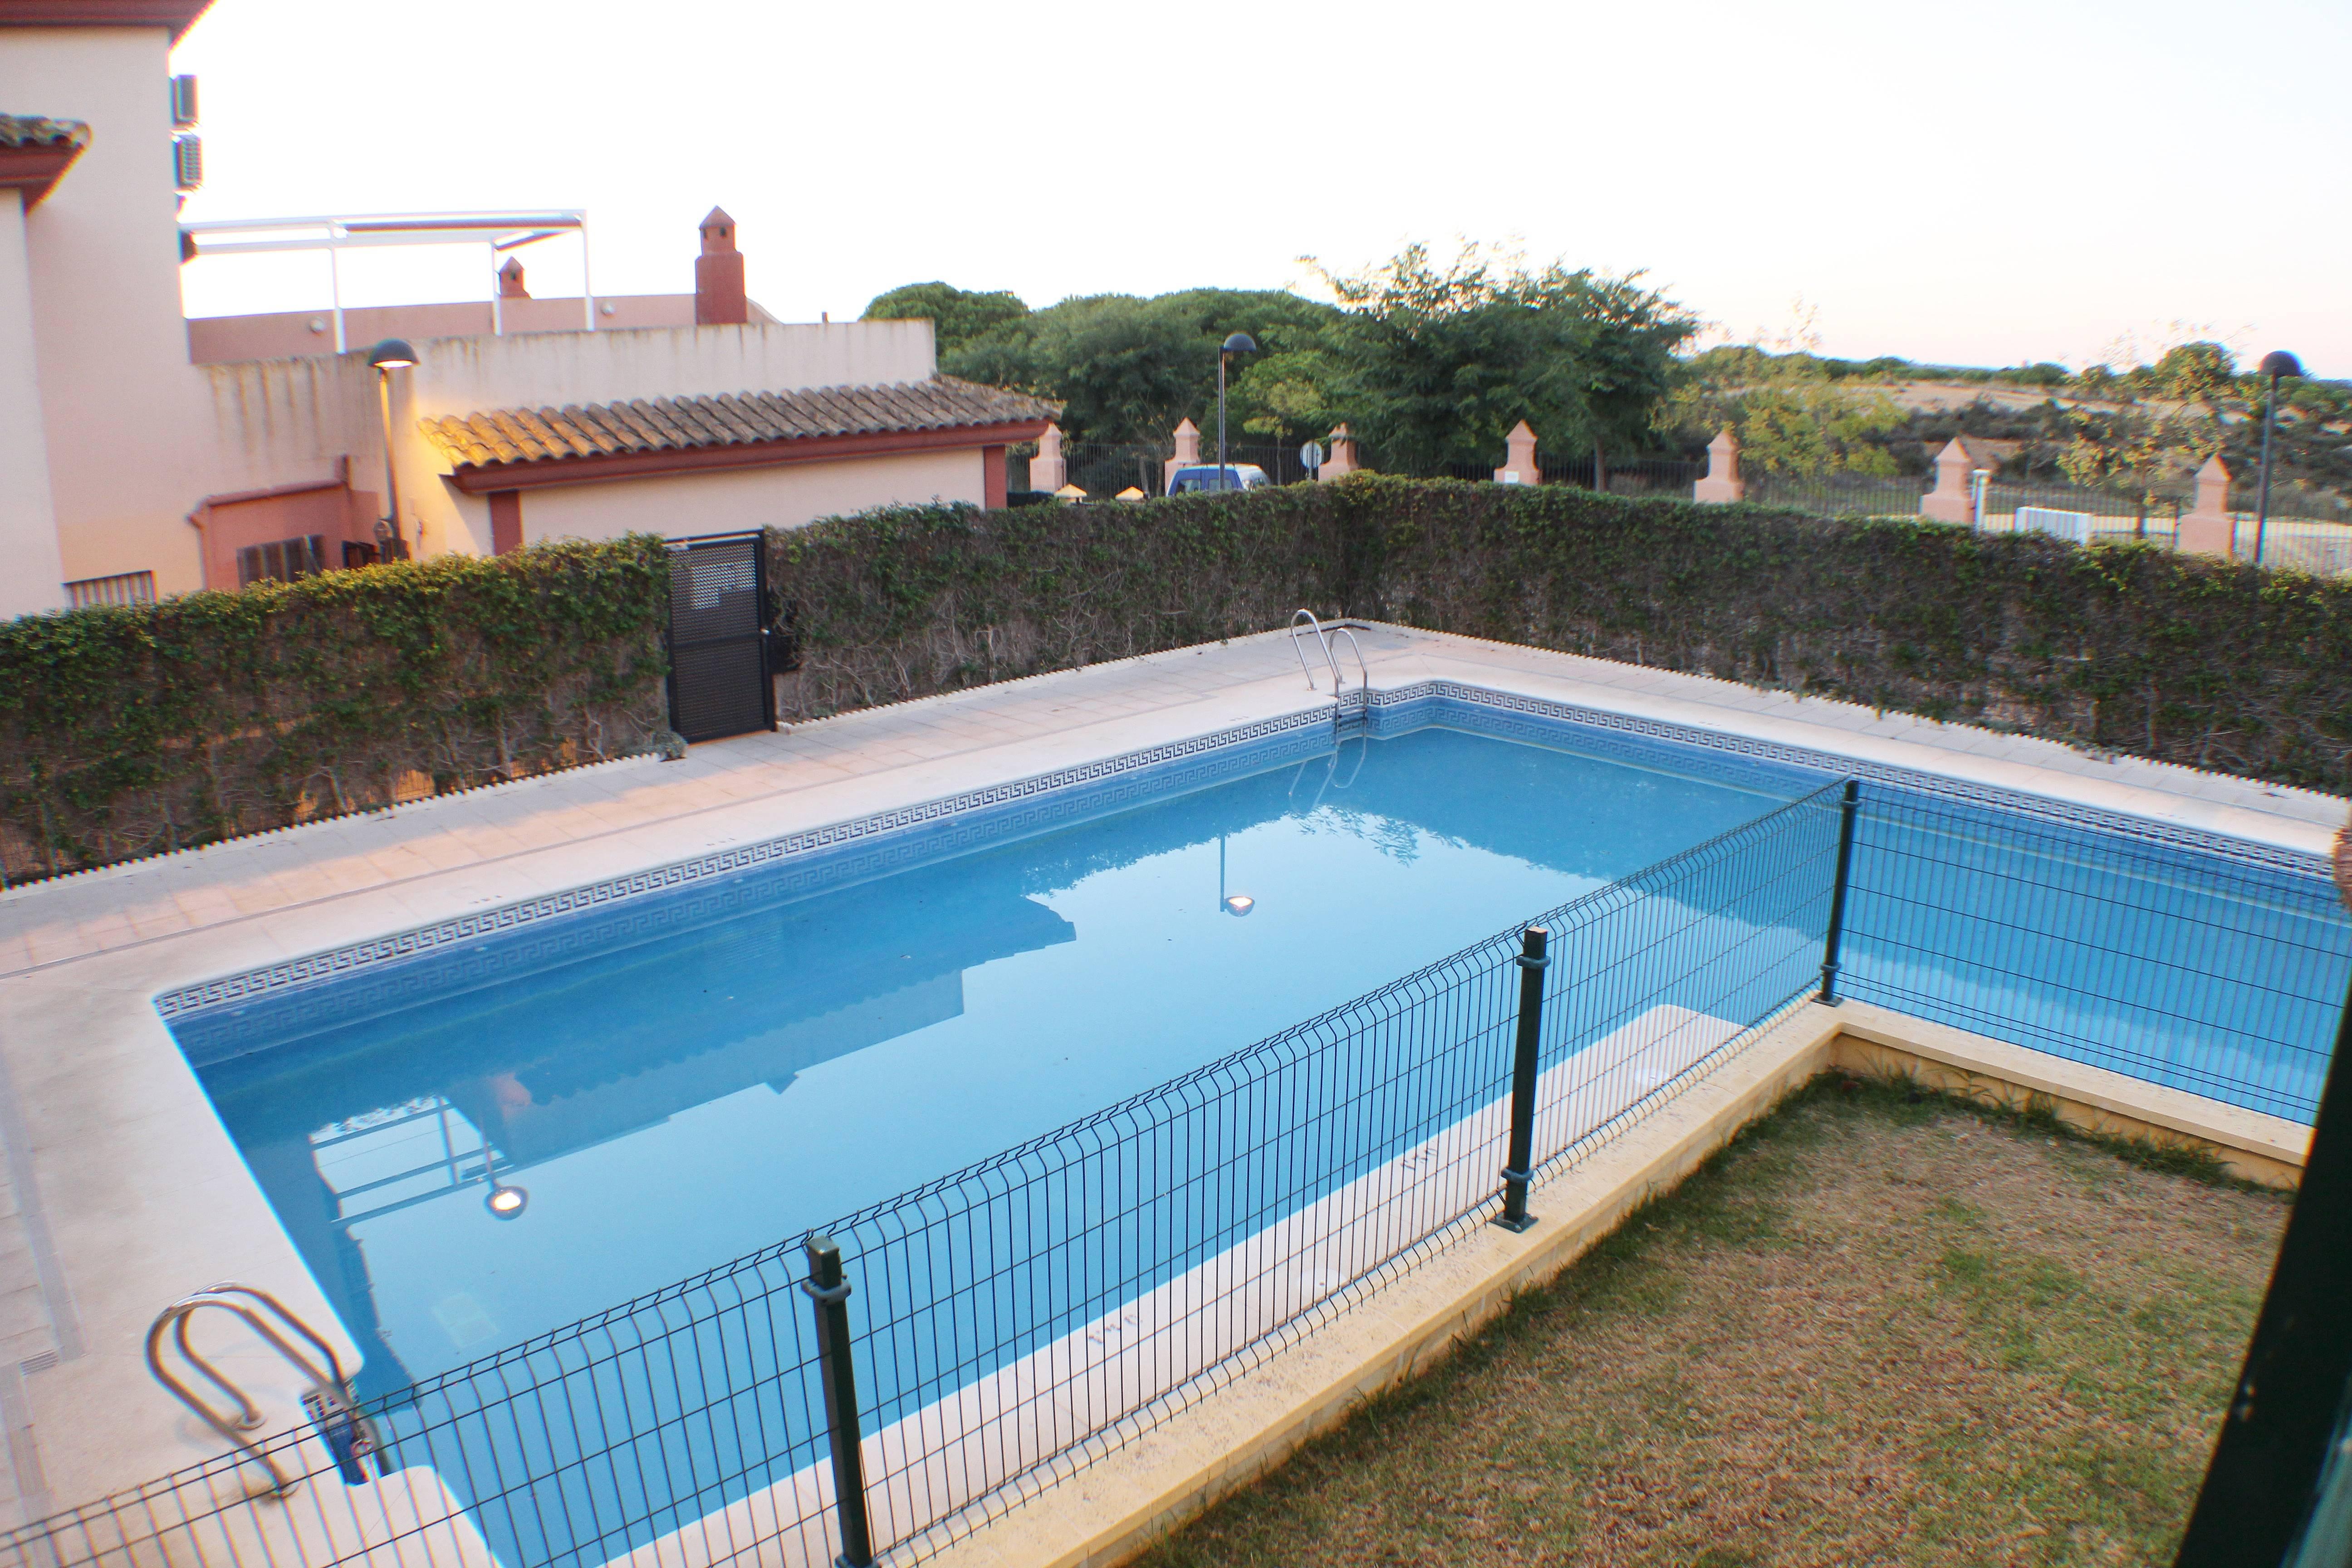 Apartamento en alquiler a 800 m de la playa islantilla - Rentalia islantilla ...